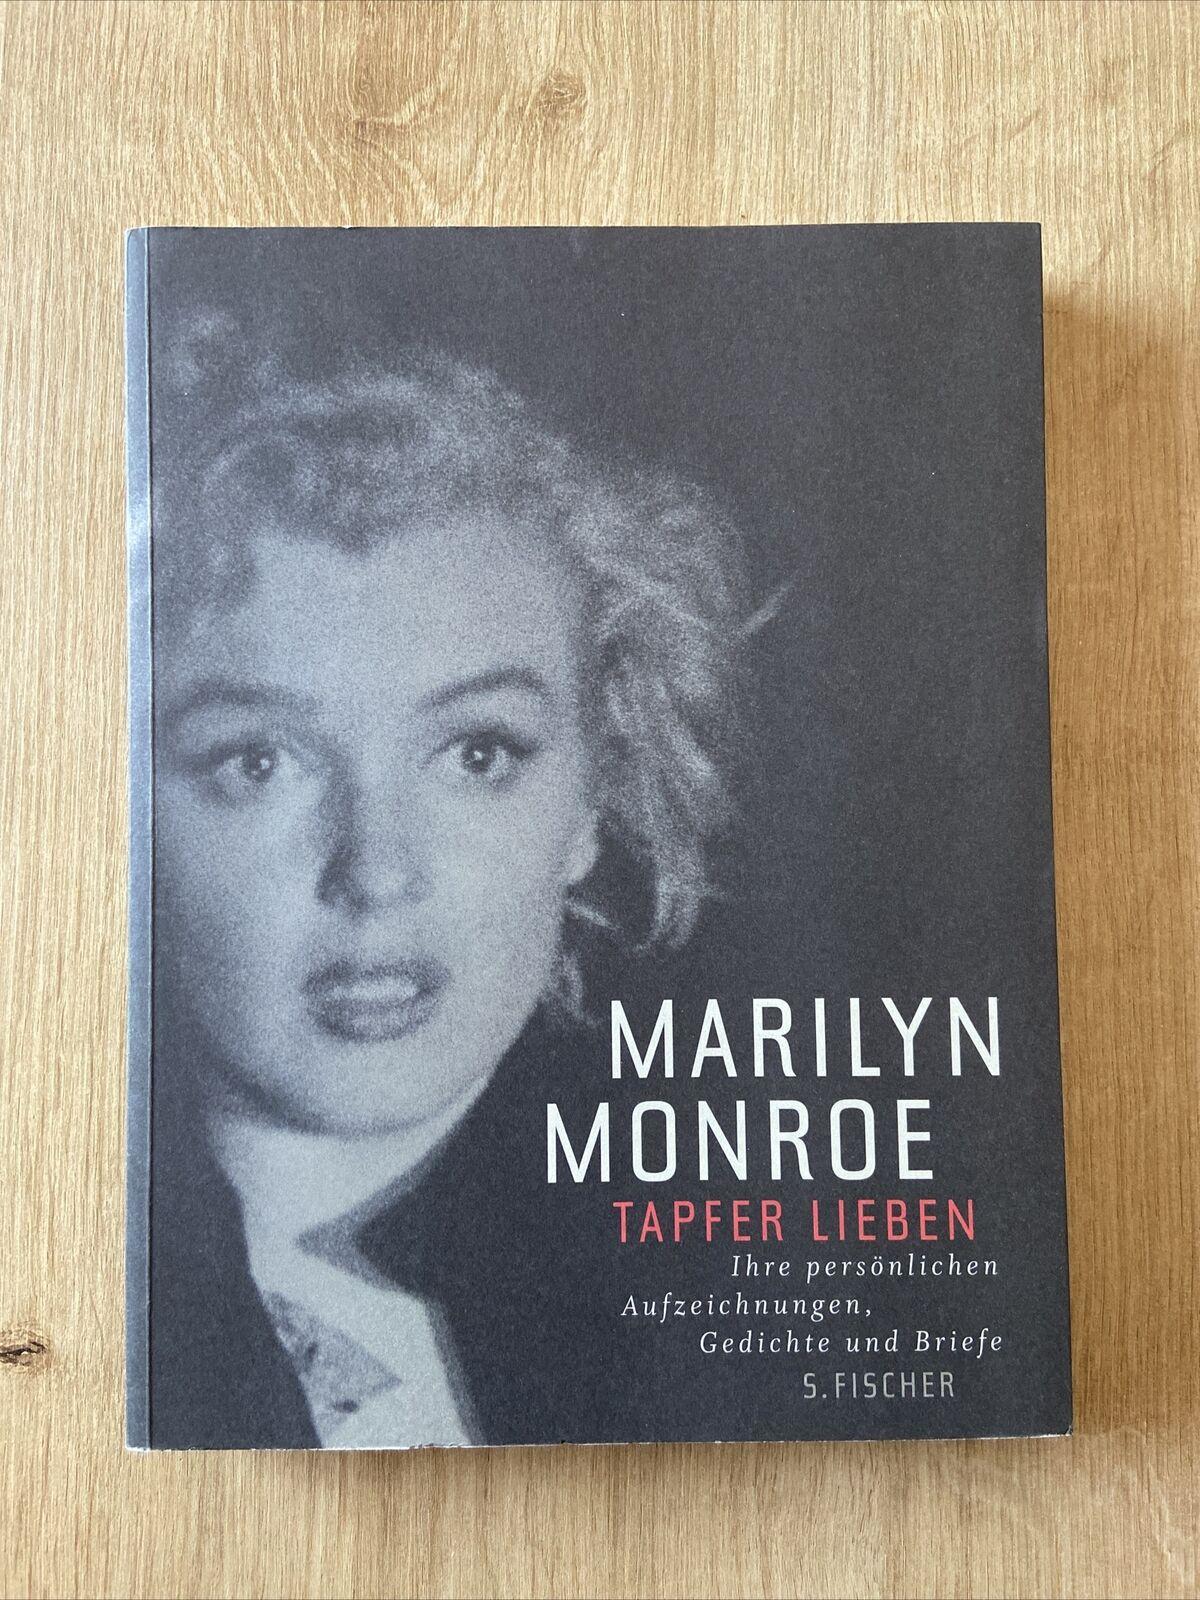 Marilyn Monroe - Tapfer lieben | Buch | Zustand sehr gut